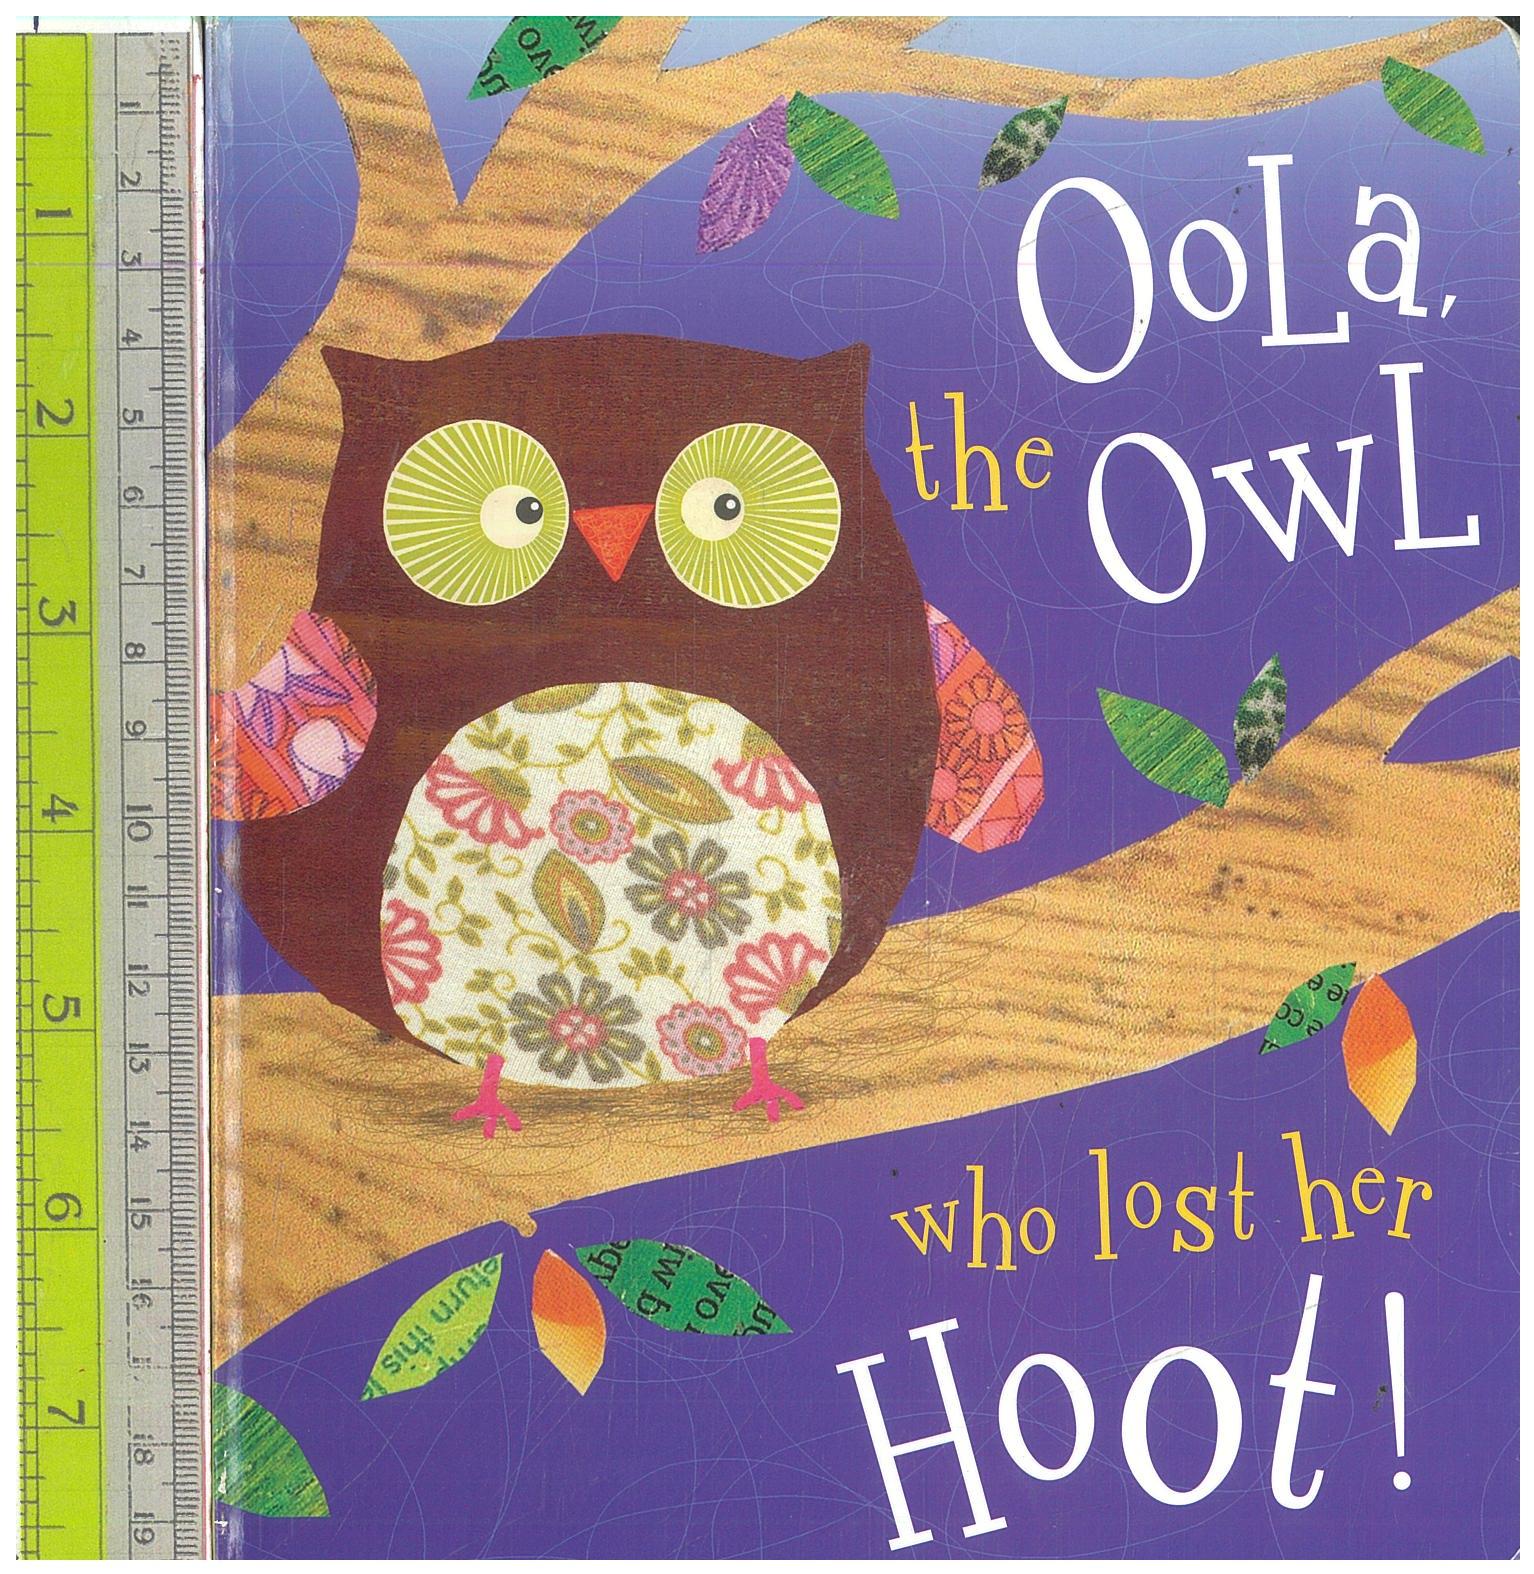 Oola Owl